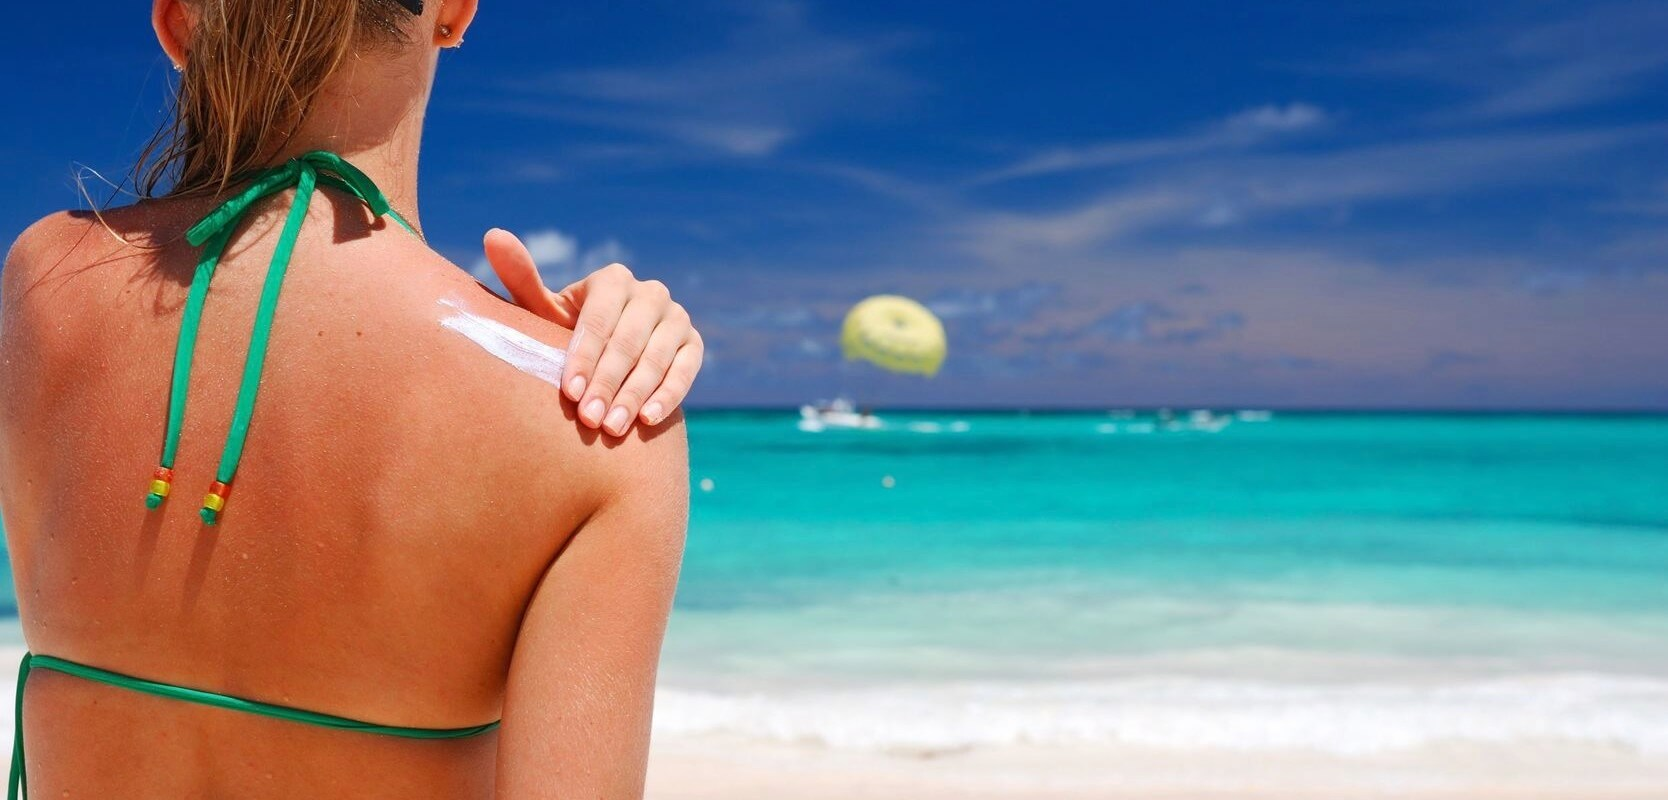 I farmaci e i consigli per cosa portare in vacanza - Cosa portare in vacanza per i bambini ...